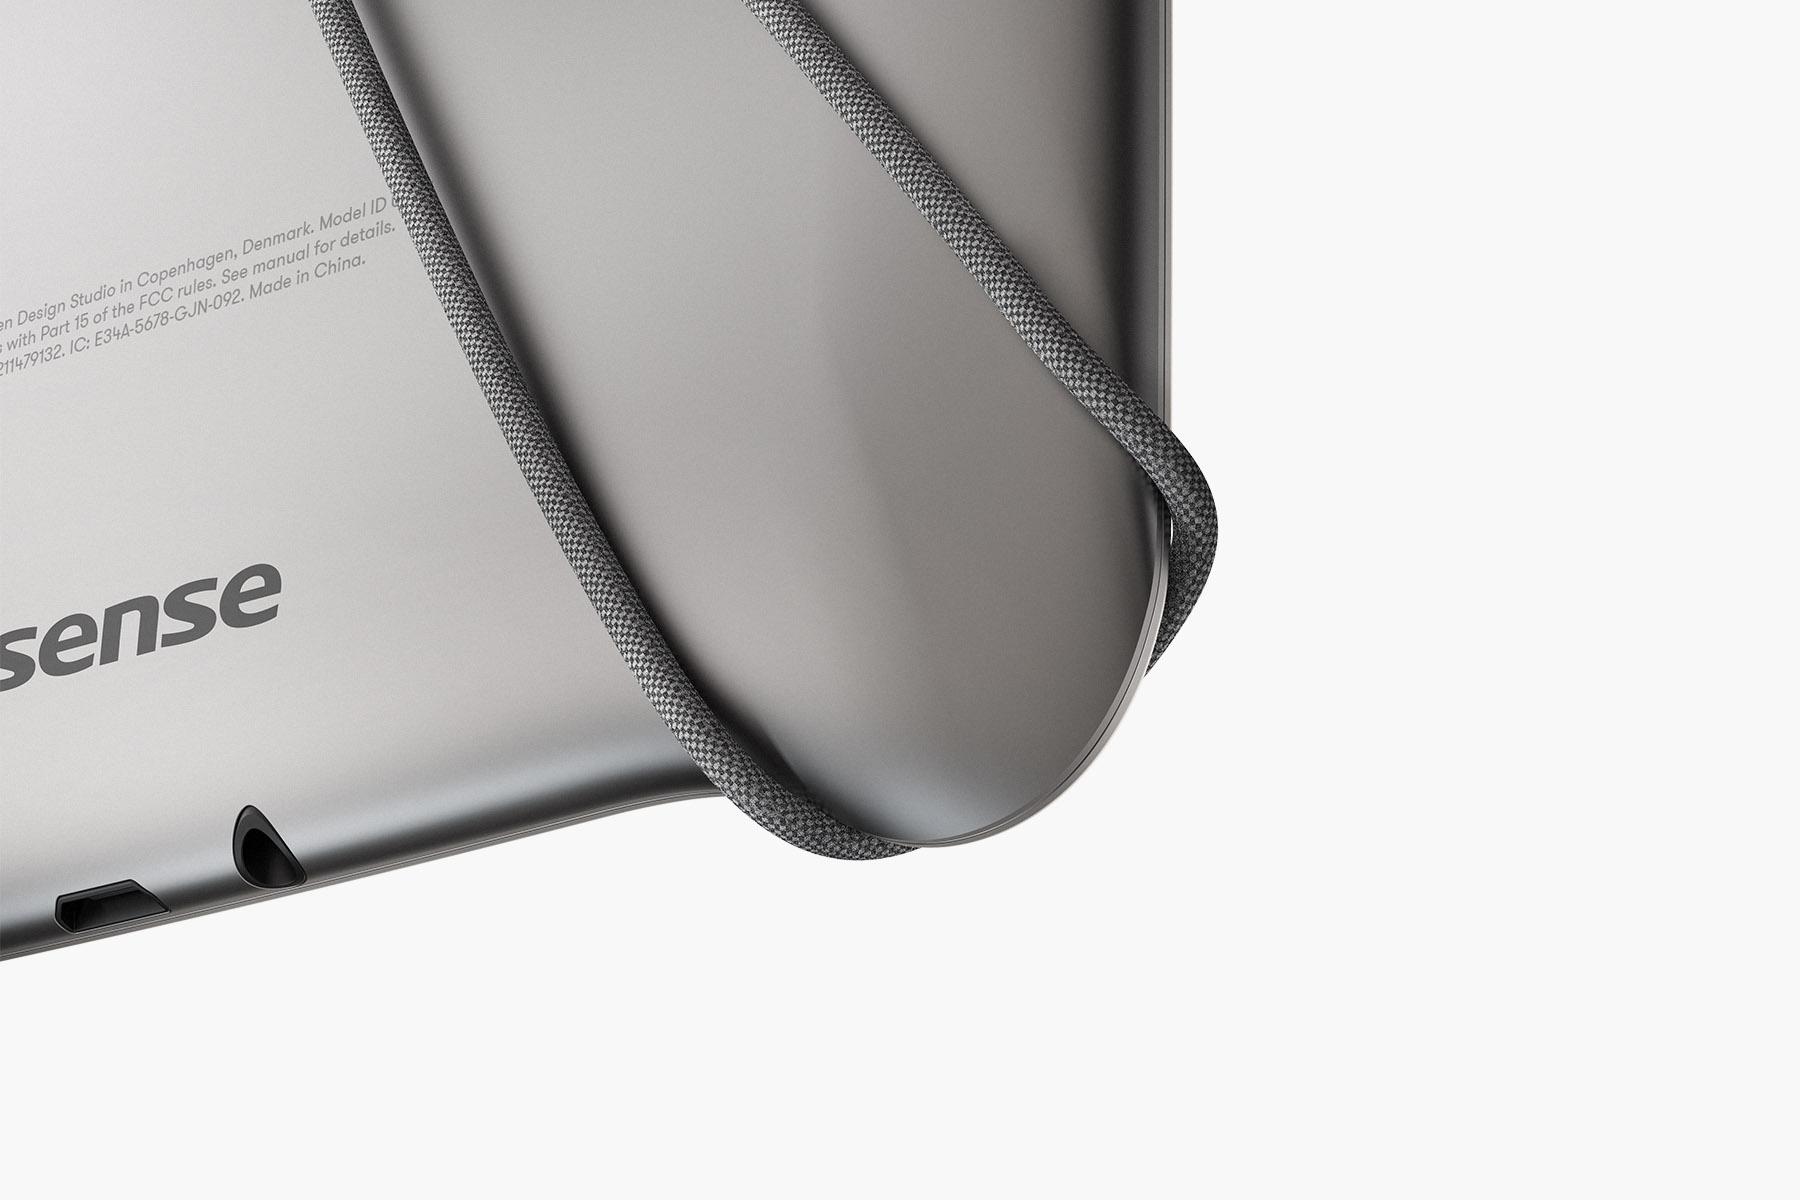 190708_Hisense-tablet_Closeup-cord